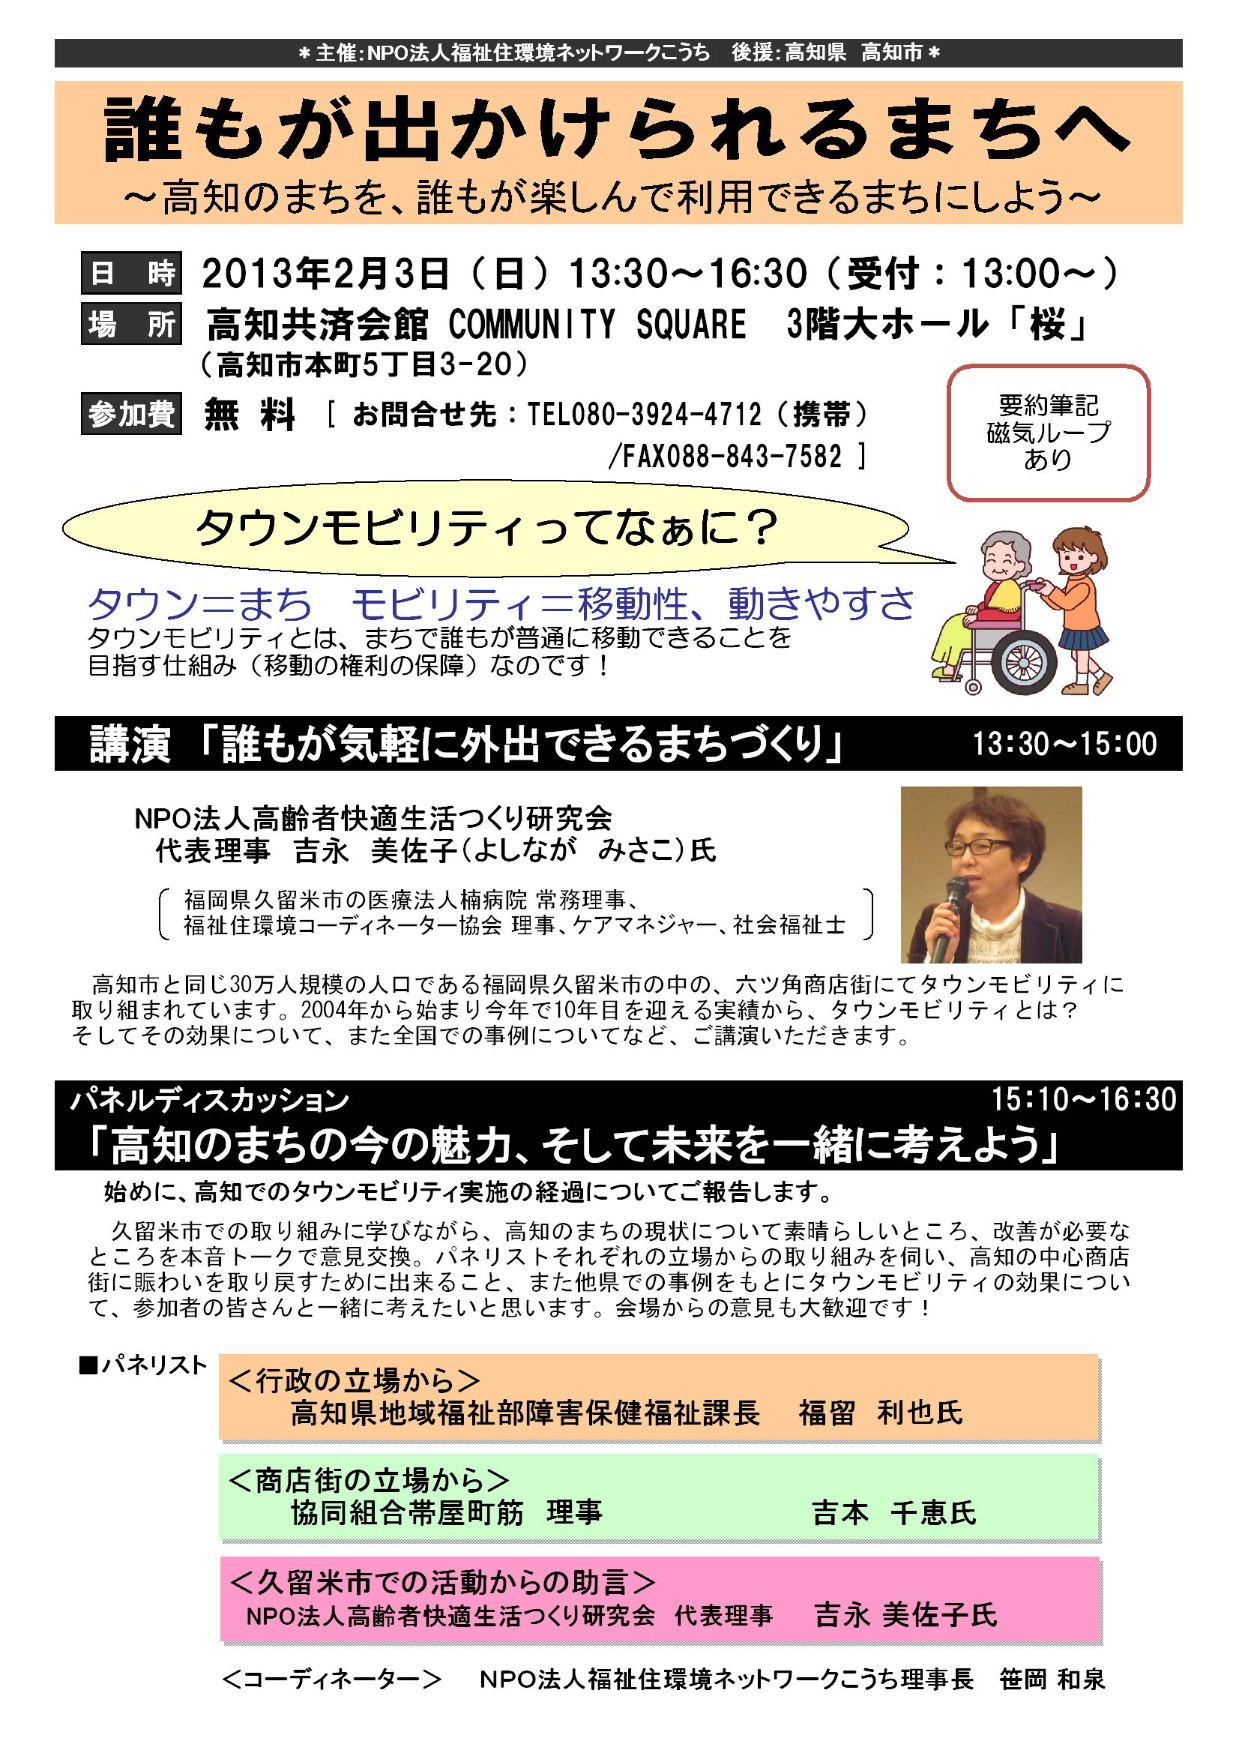 タウンモビリティちらし2013 (最新)-2-1